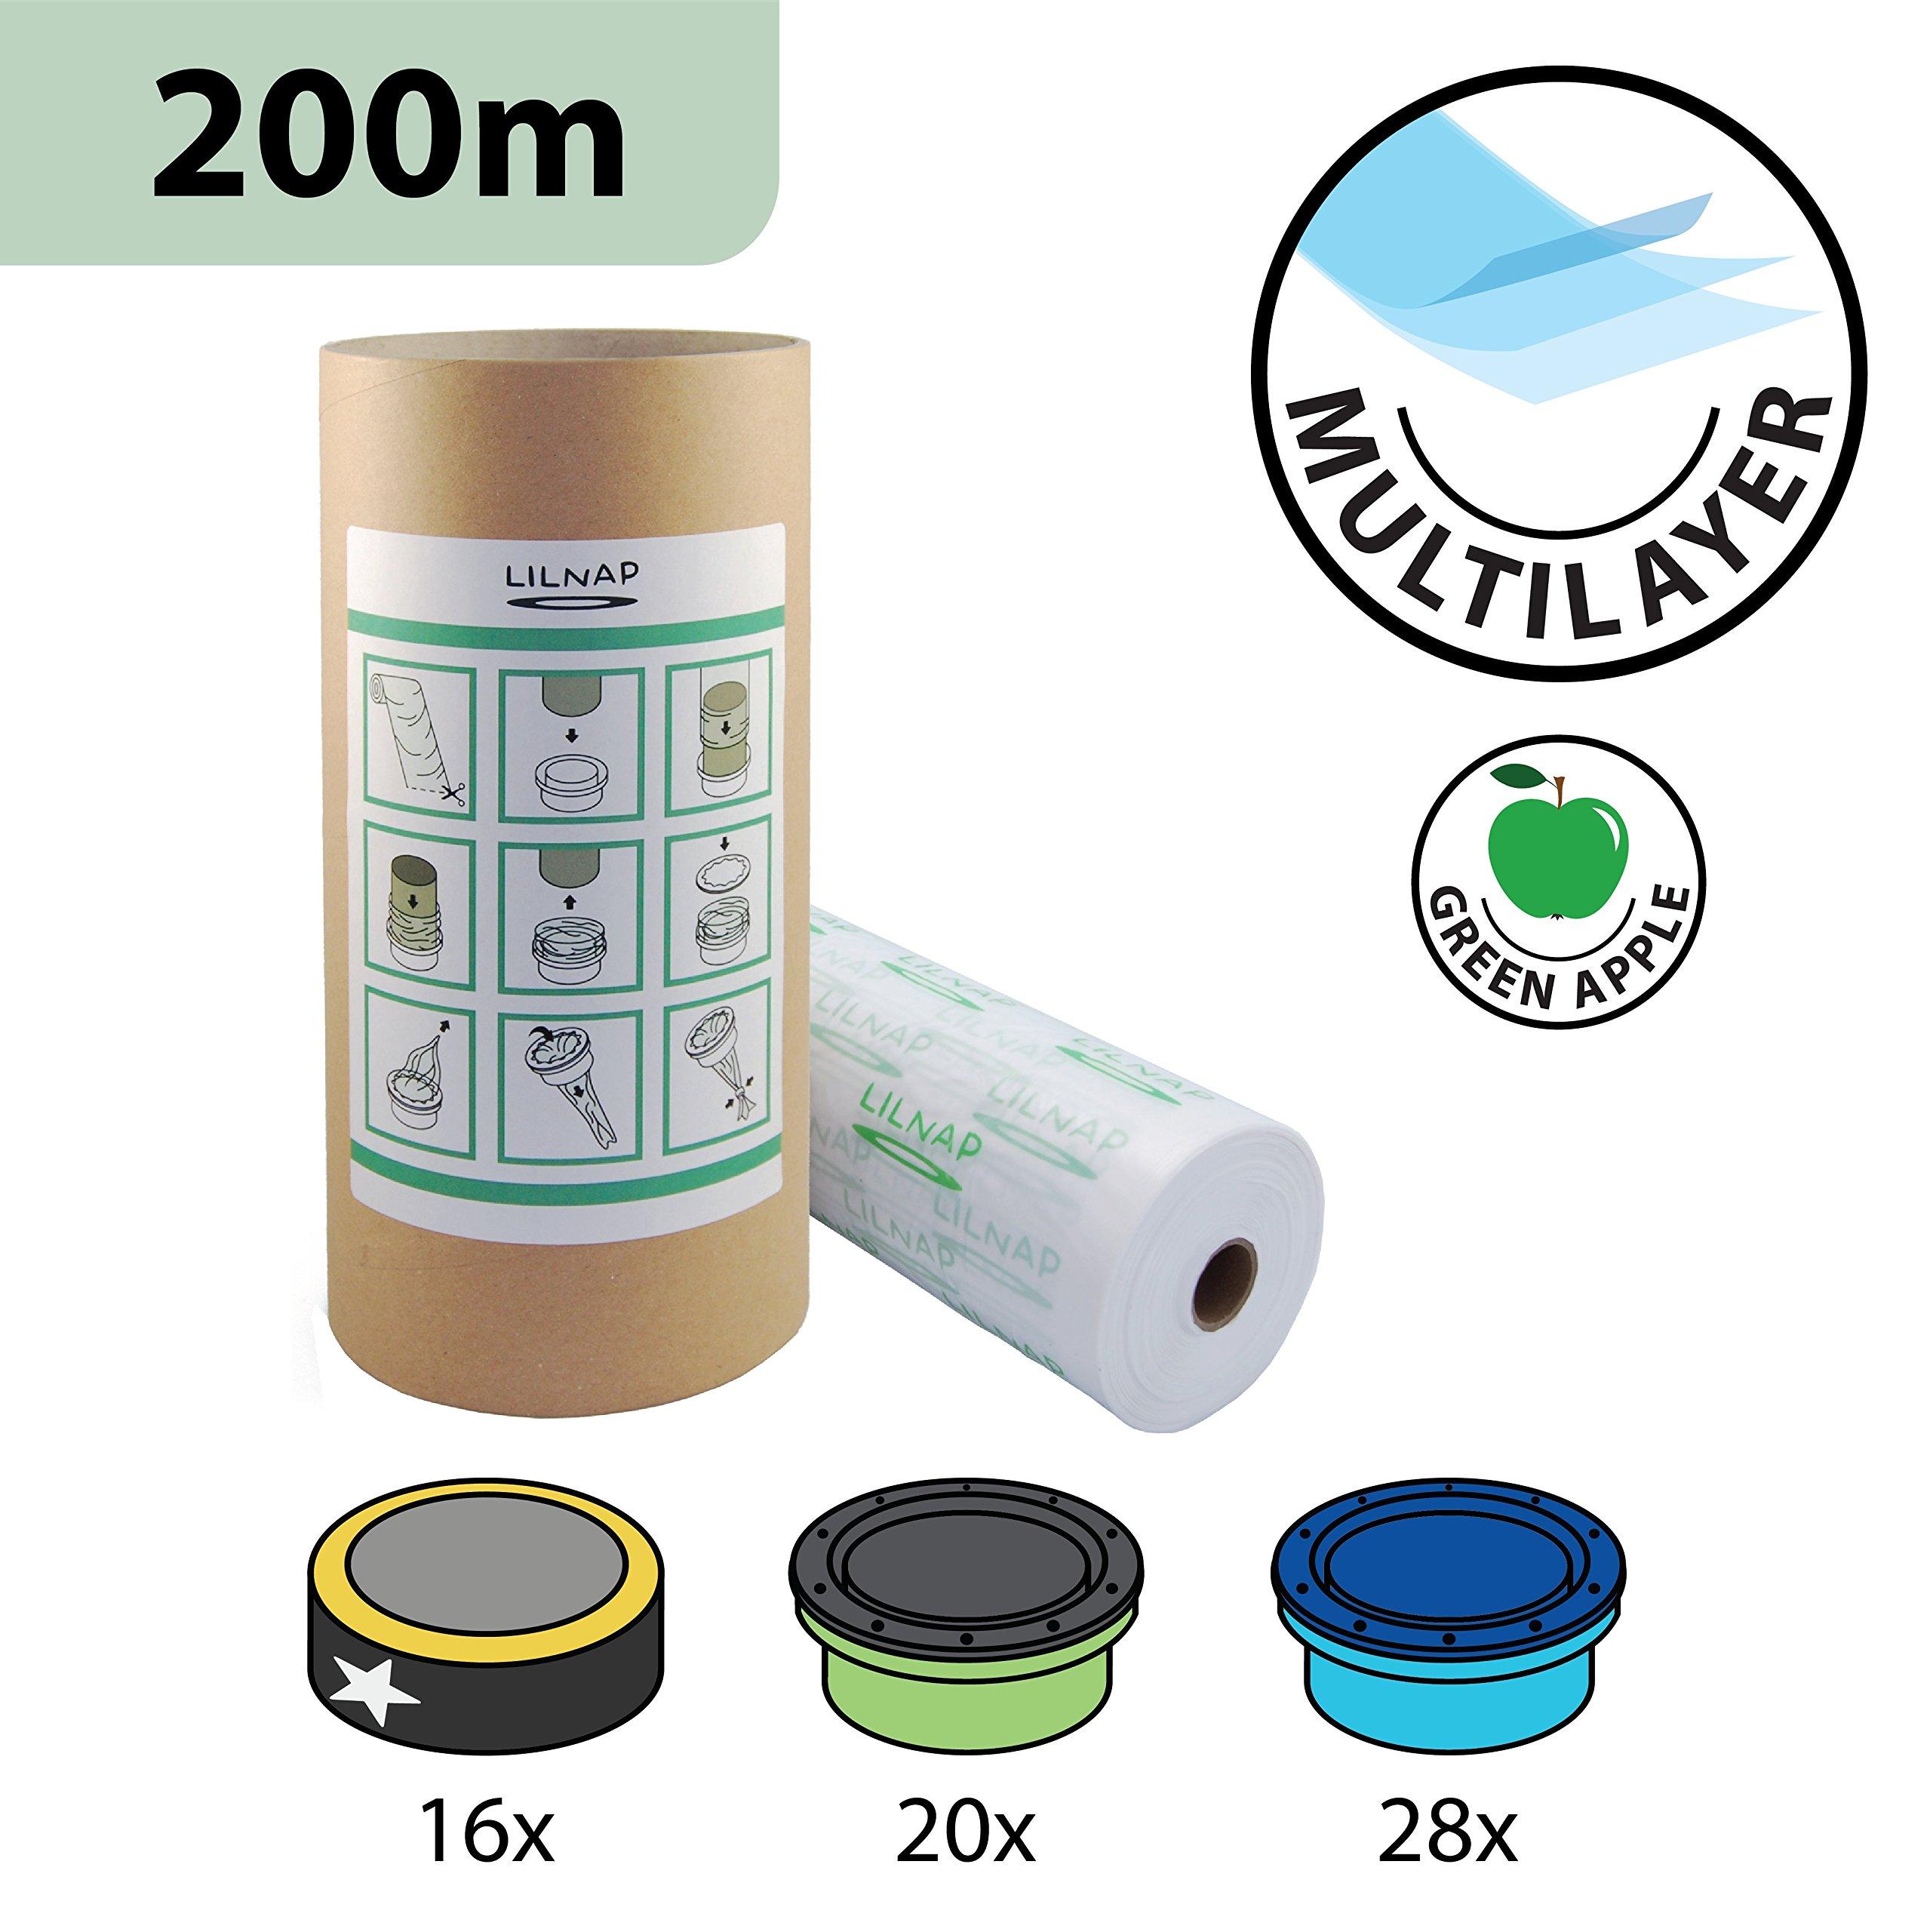 LILNAP Recharges de poubelle à couches et anti-odeurs compatible avec Sangenic, Angelcare et Litière Litter Locker II - inclus le tube en carton pour faciliter la recharge (200m) product image